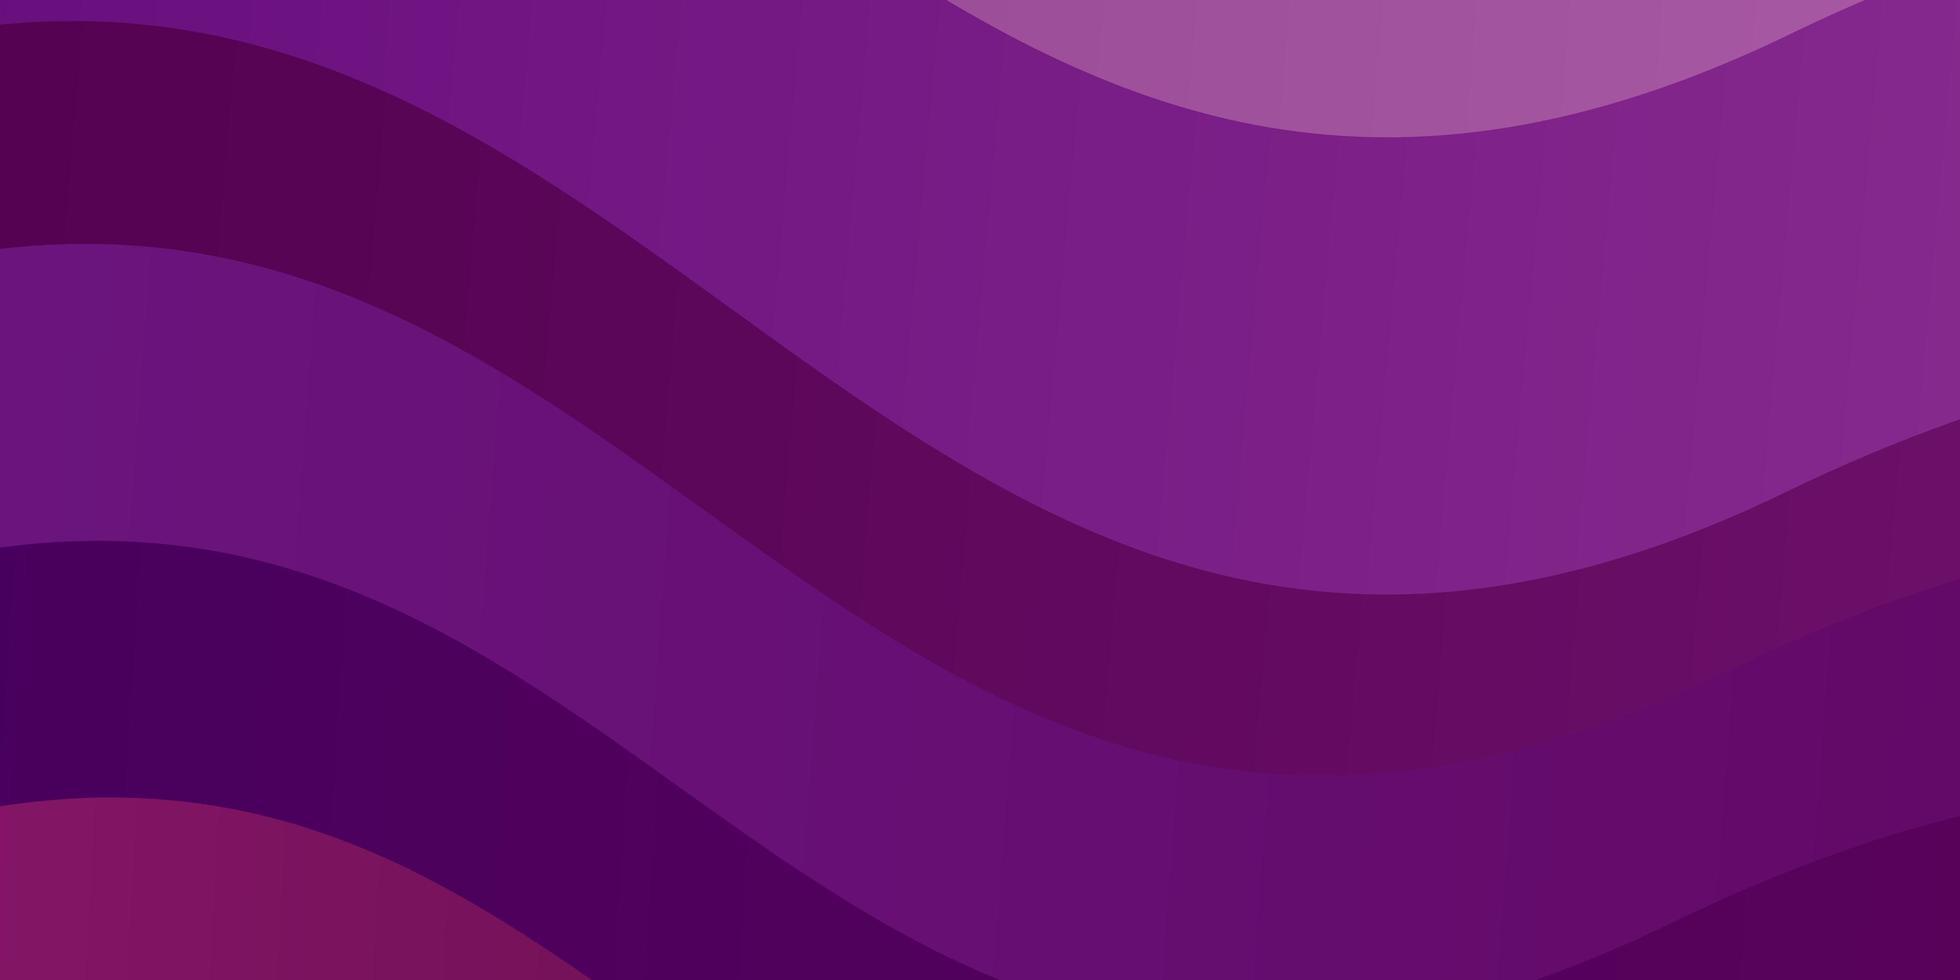 hellvioletter, rosa Hintergrund mit Linien. vektor